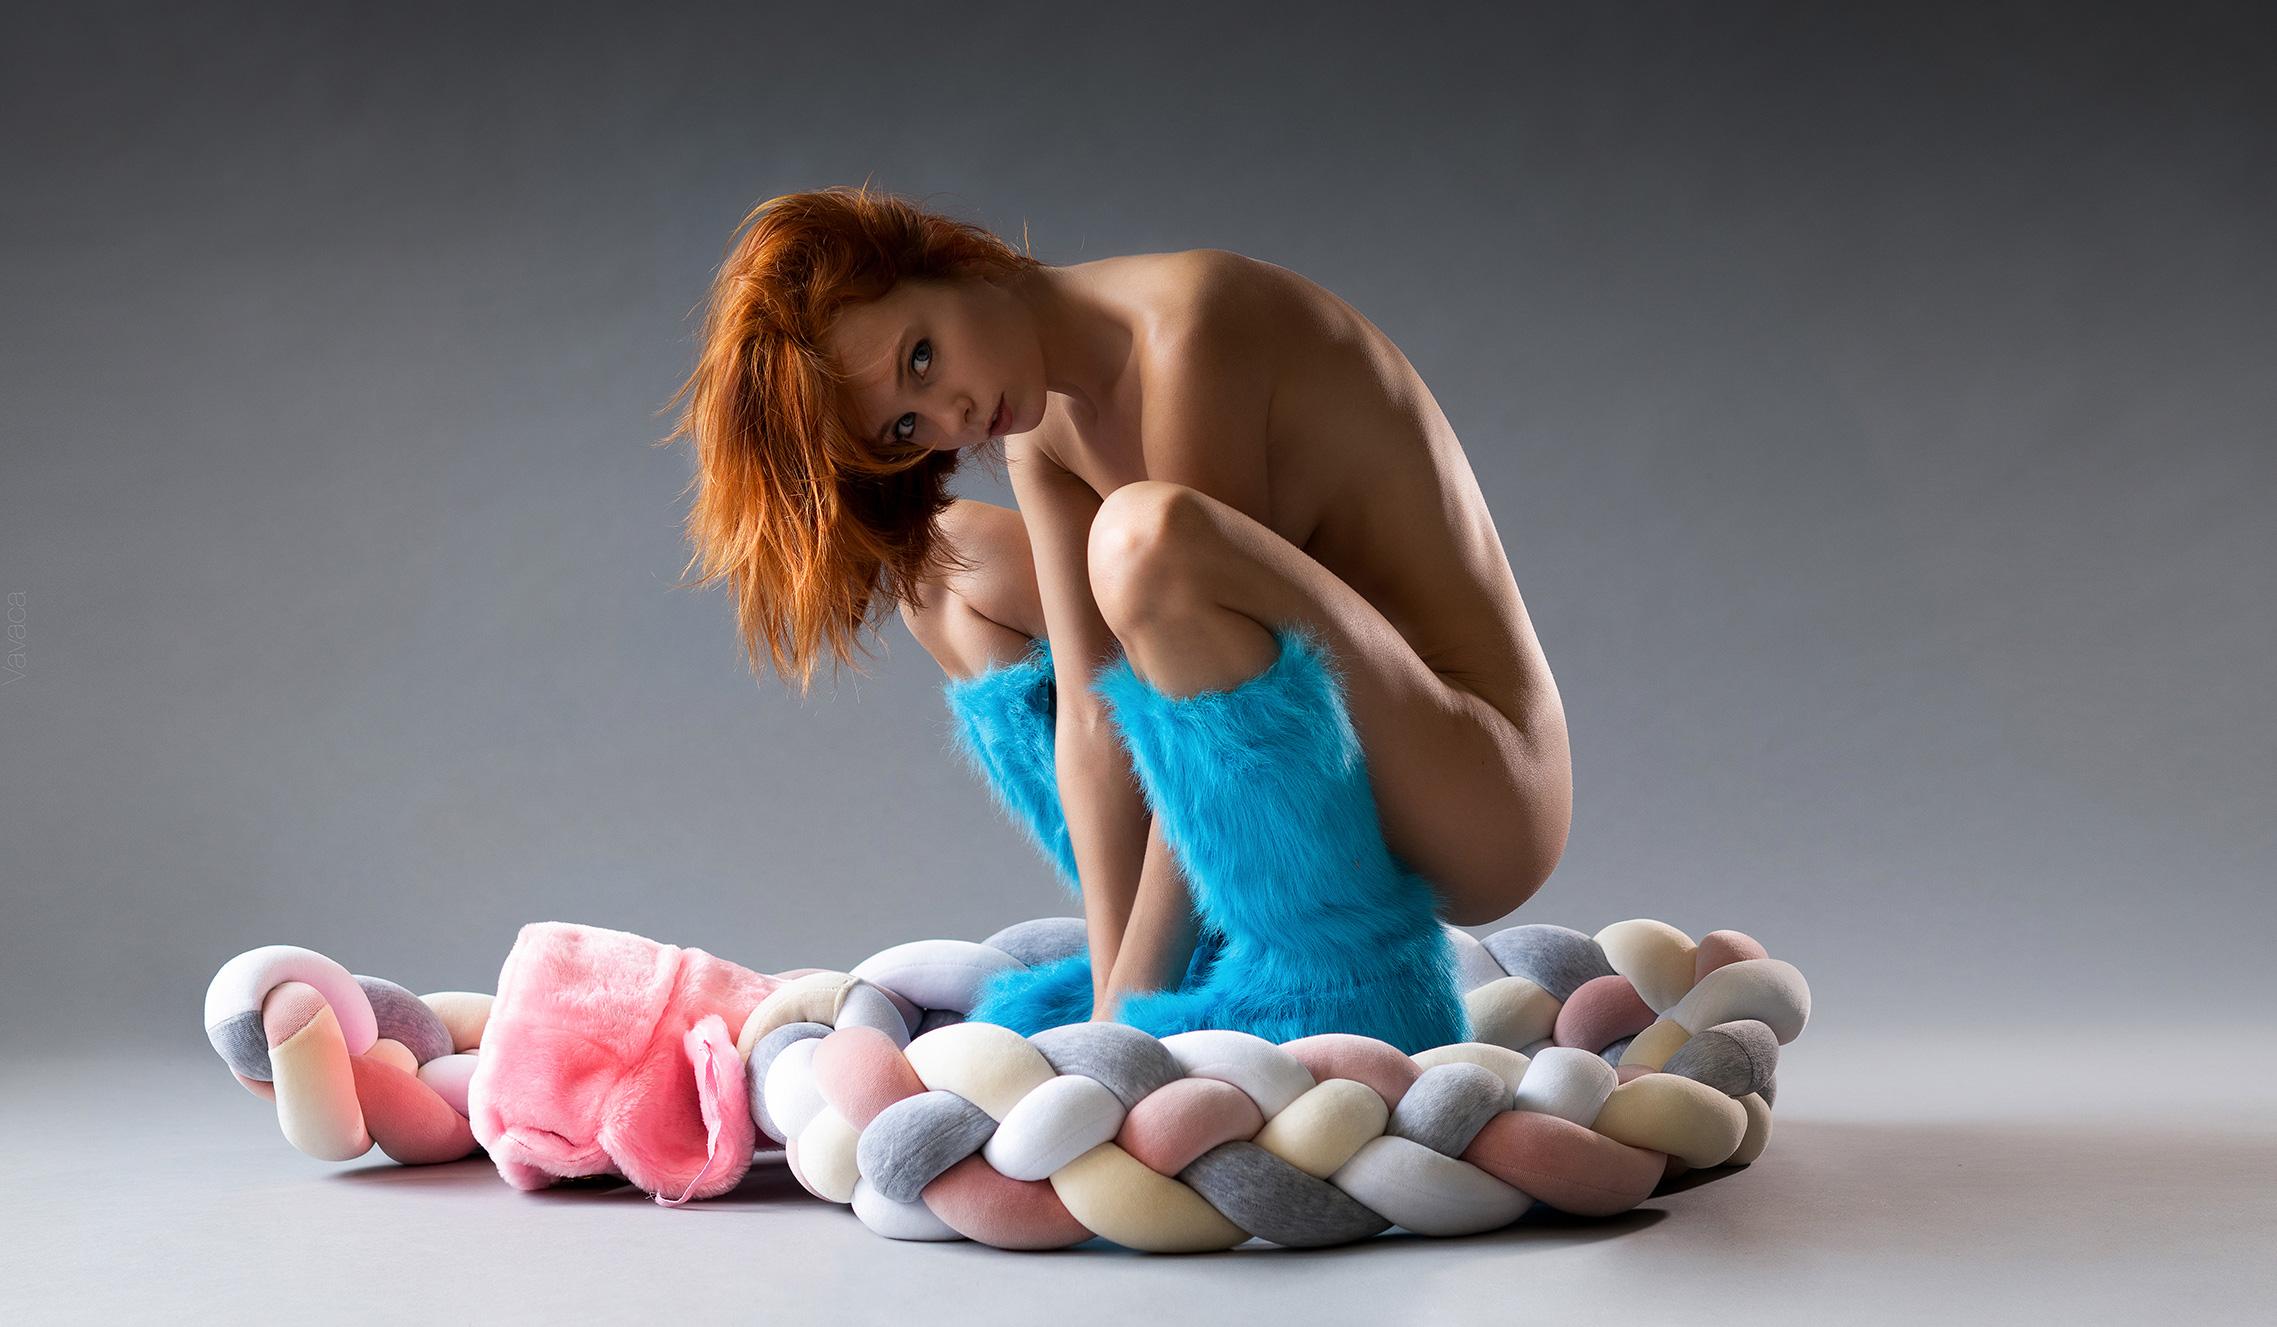 розовая шапка-ушанка, голубые сапоги и разноцветный канат - Марта Громова / Marta Gromova nude by Vladimir Nikolaev